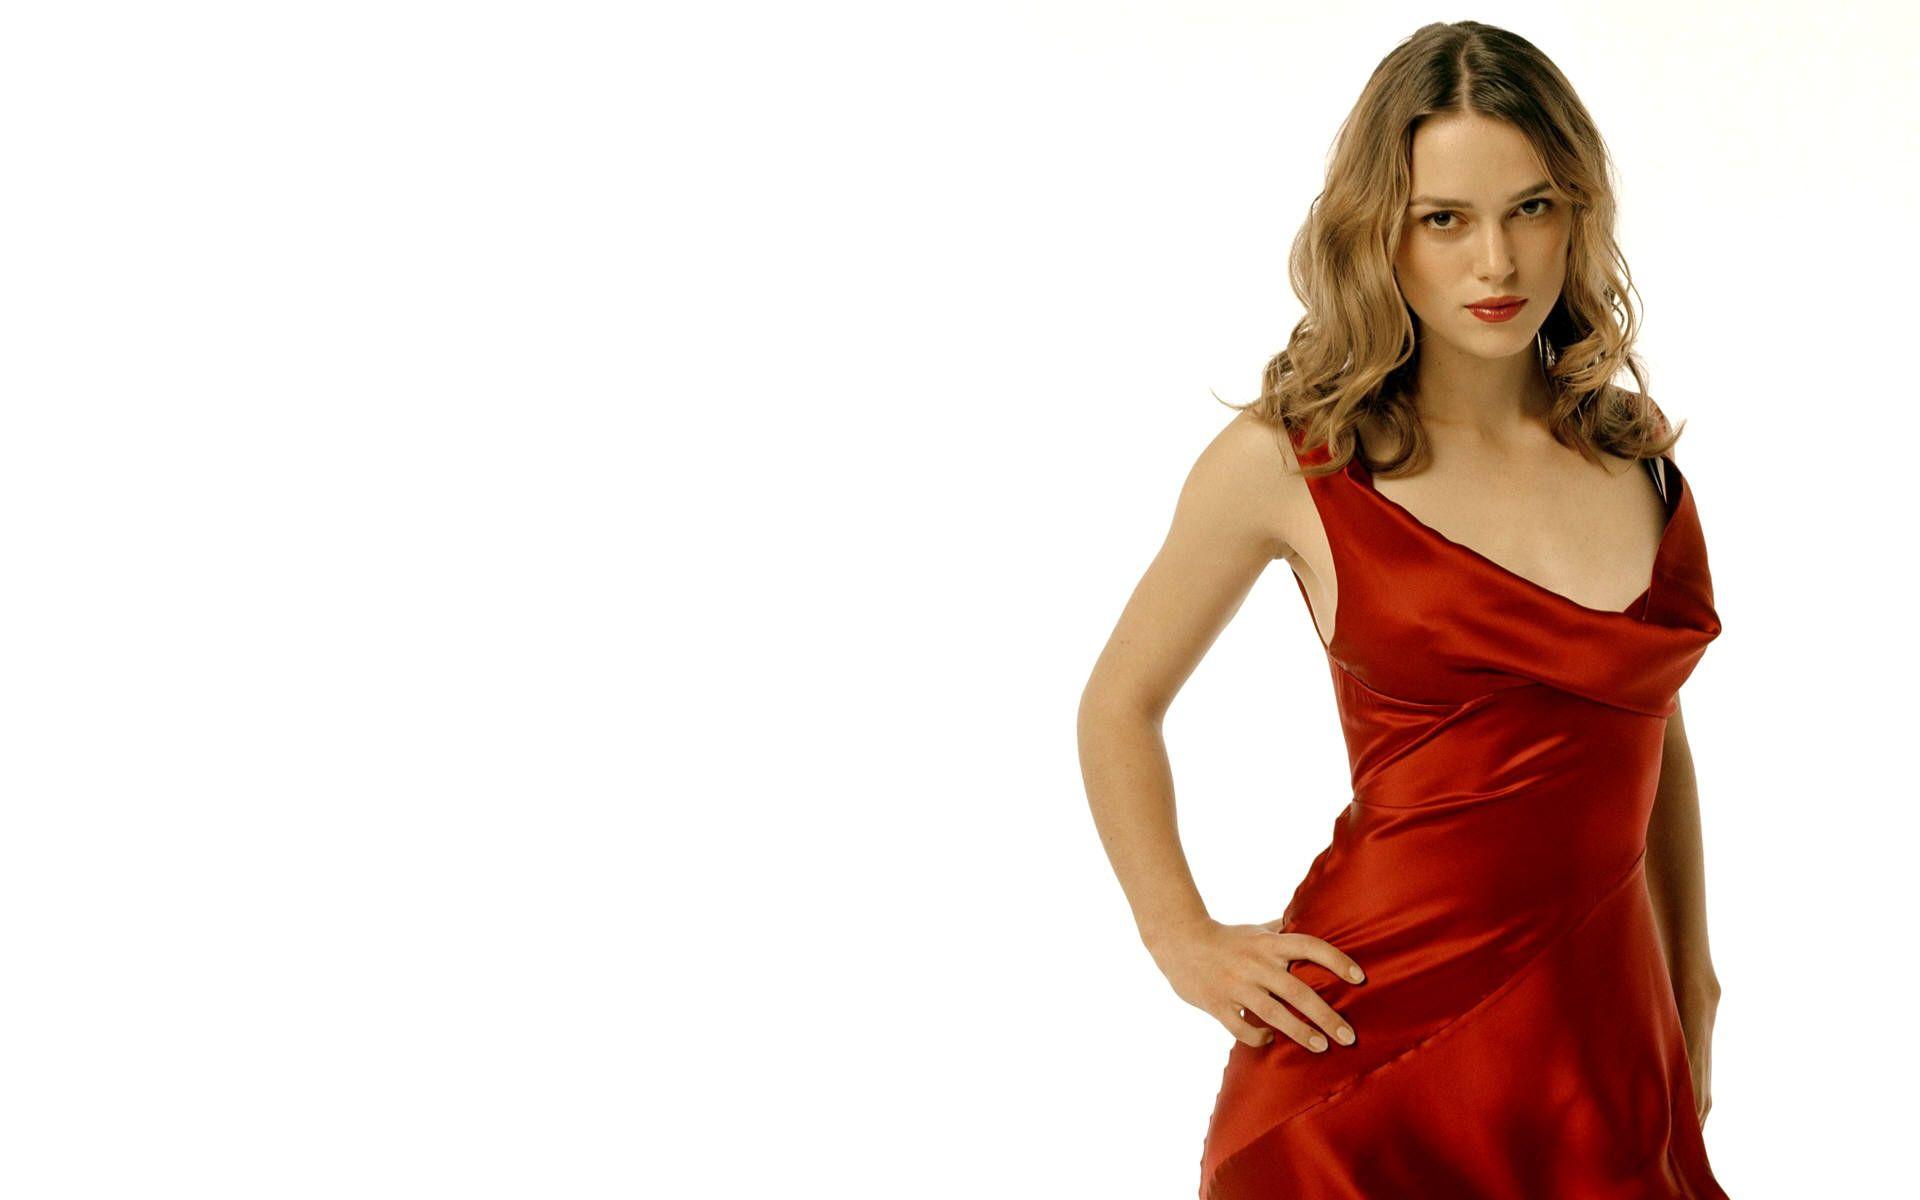 keira-knightley-sexy-image